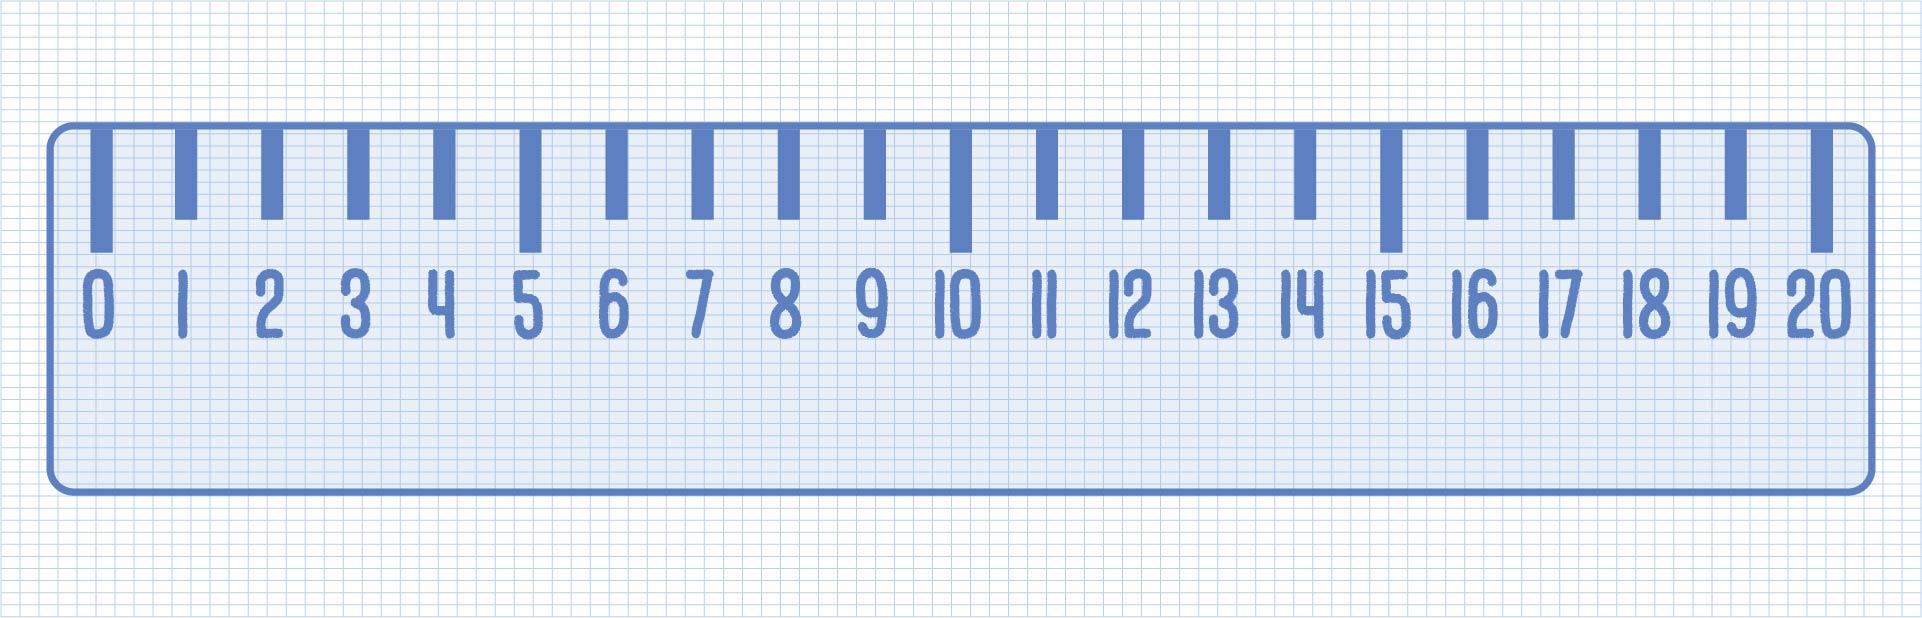 Printable Number Line 0-20